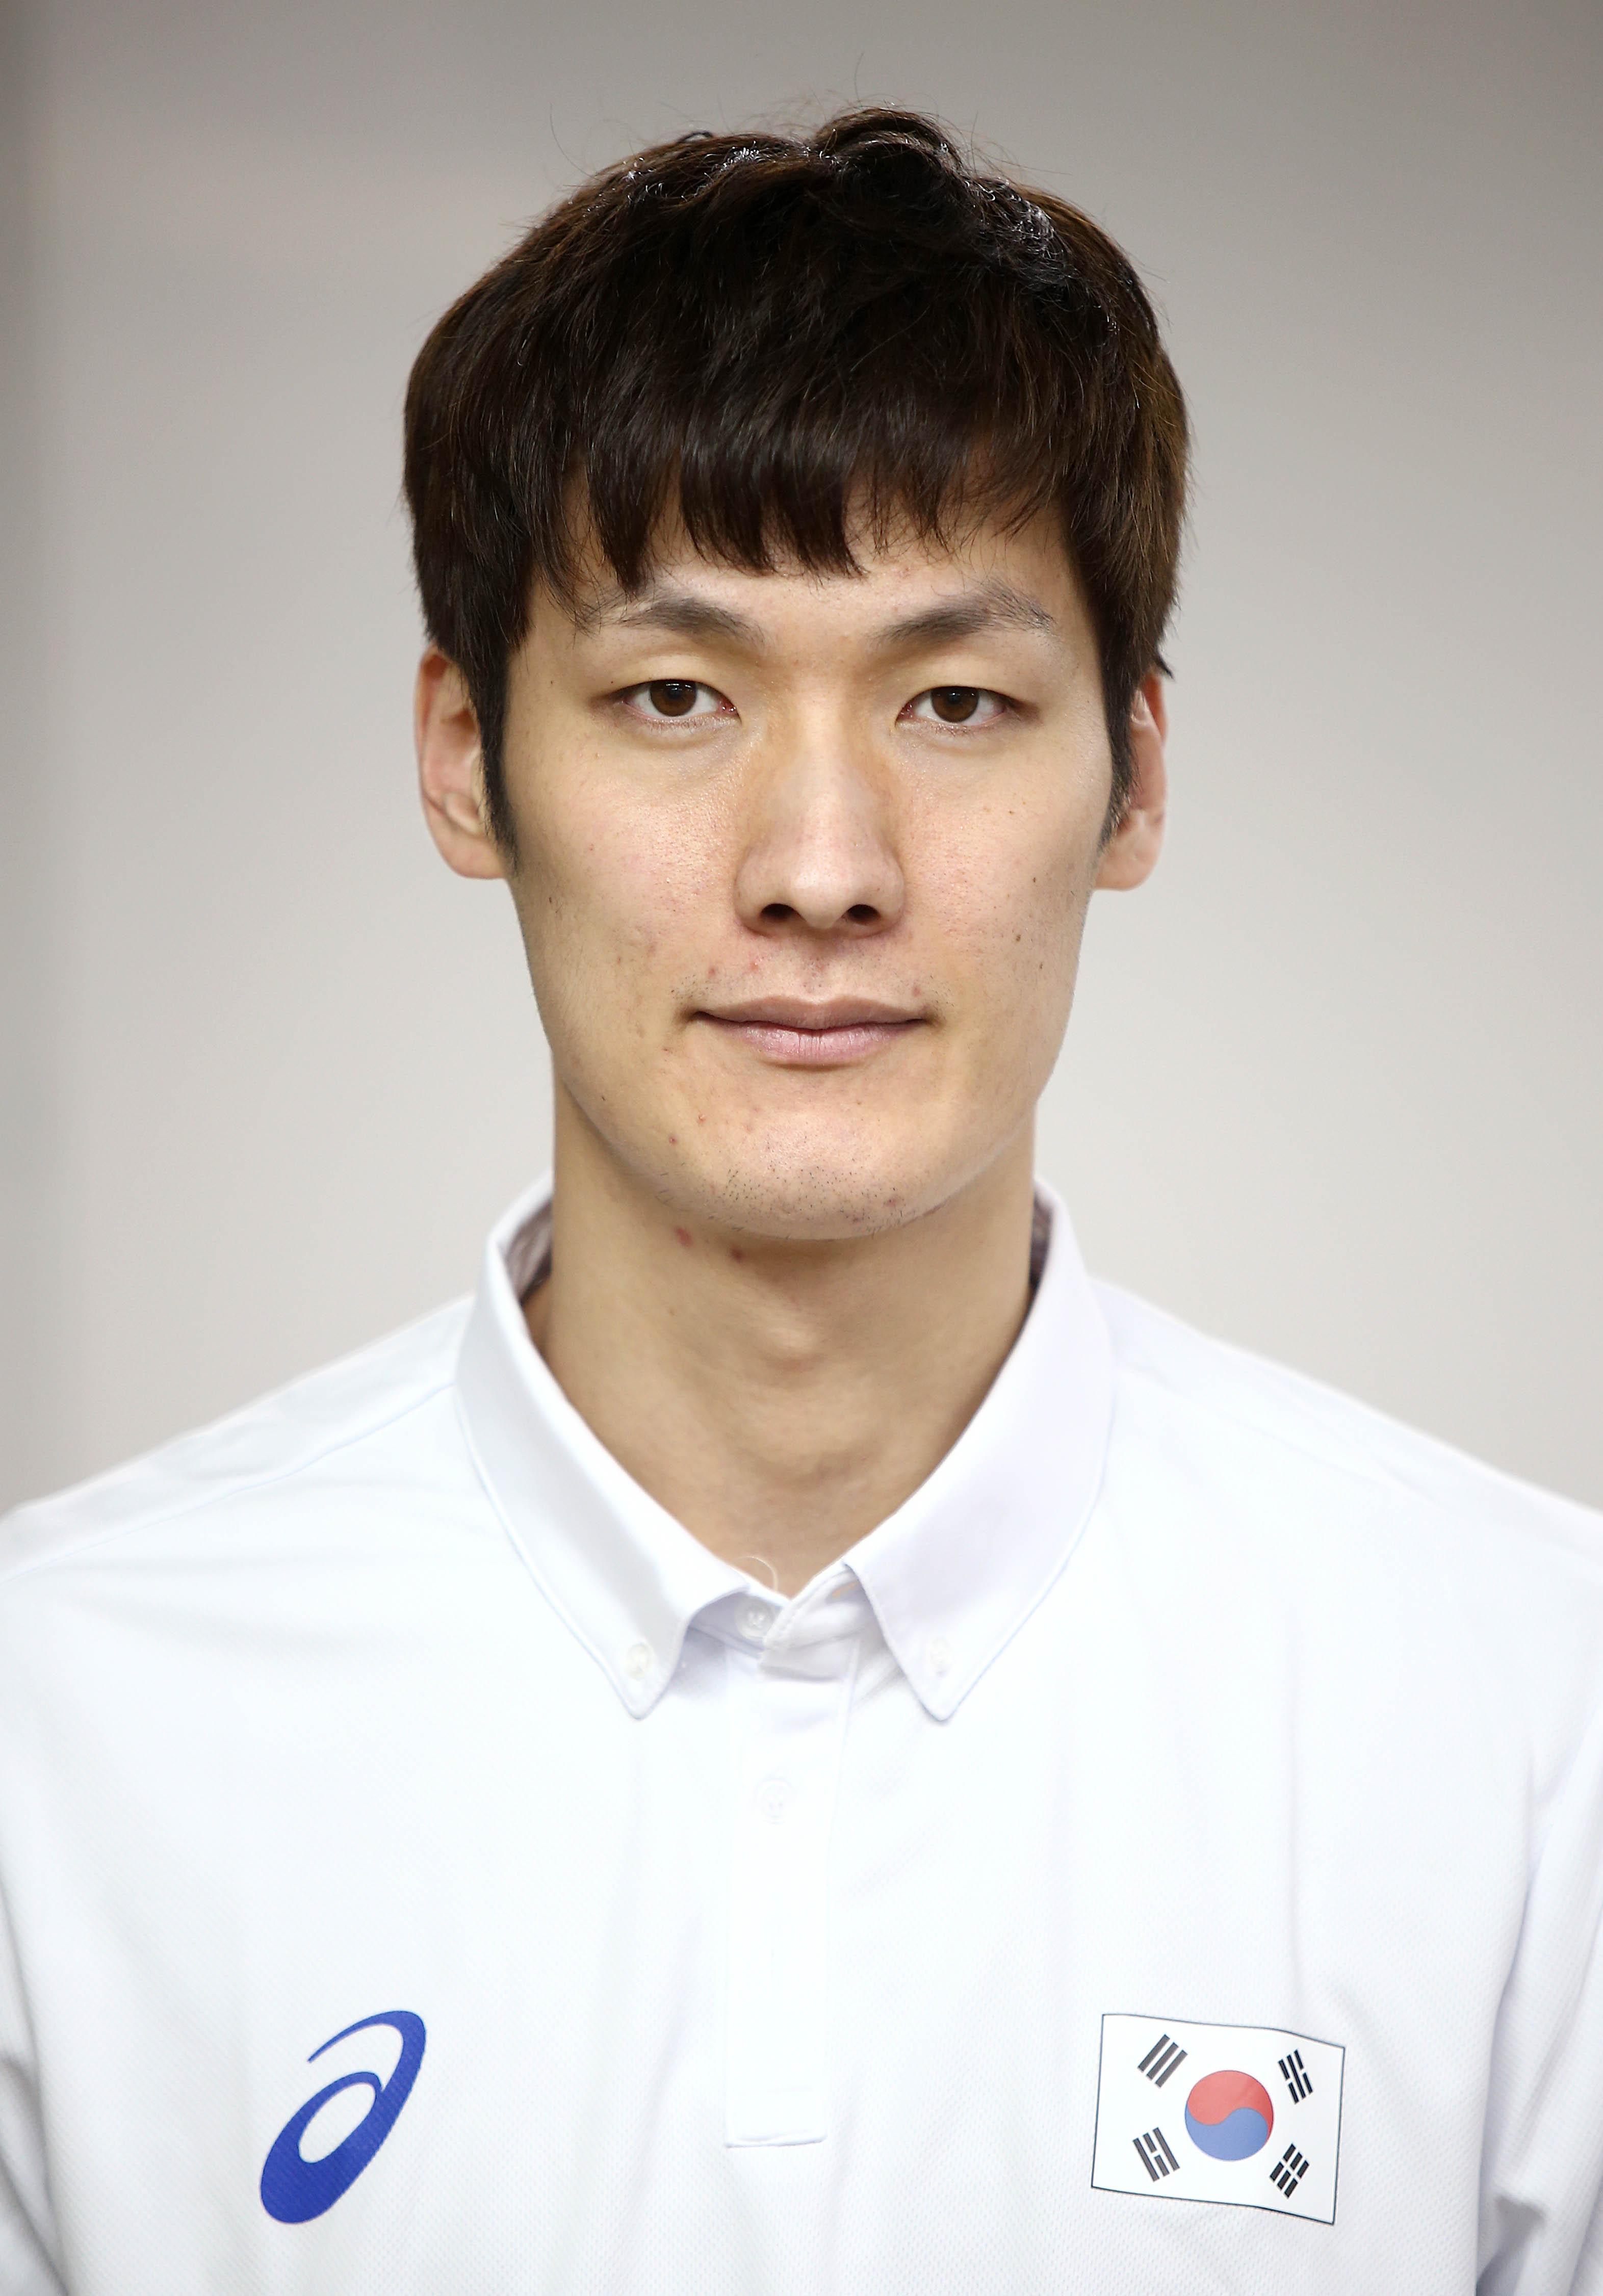 Sang-Houn Jin